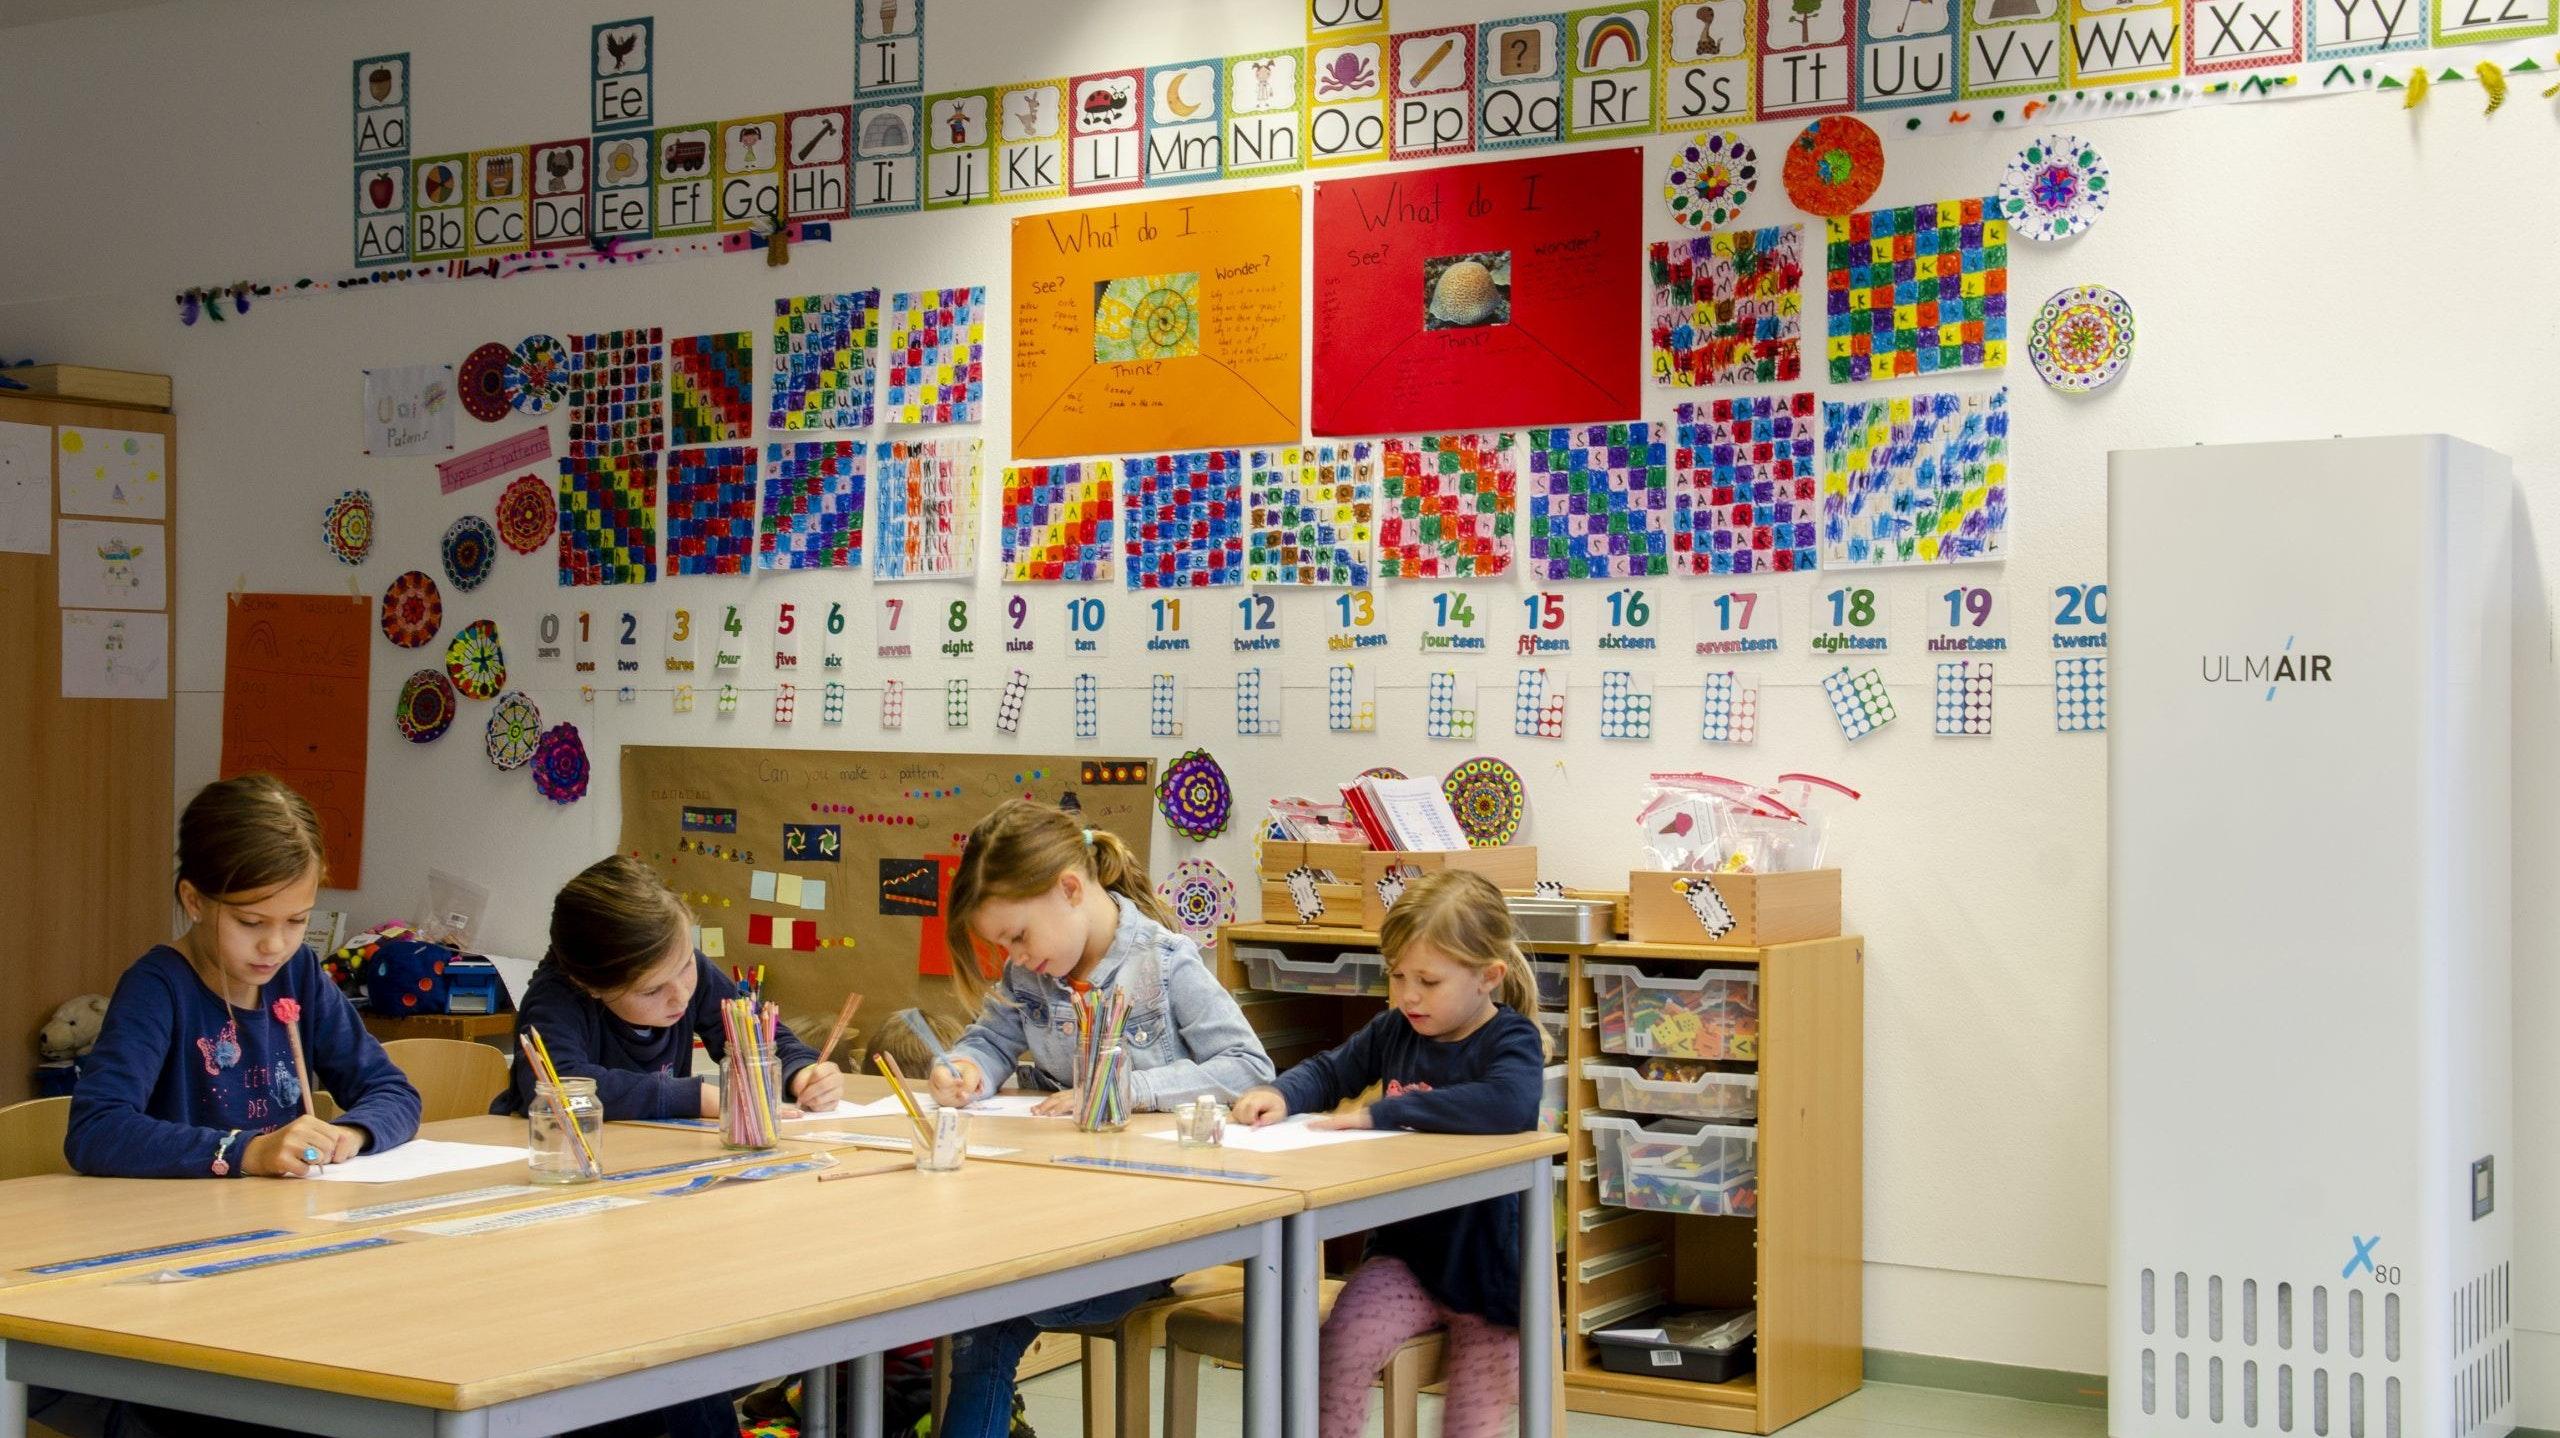 Der Einsatz mobiler Luftreinigungsgeräte in Schulklassen wird intensiv diskutiert. Der Landkreis Vechta plant derzeit keinen Aufbau in seinen Schulen. Foto: UlmAir/Herr